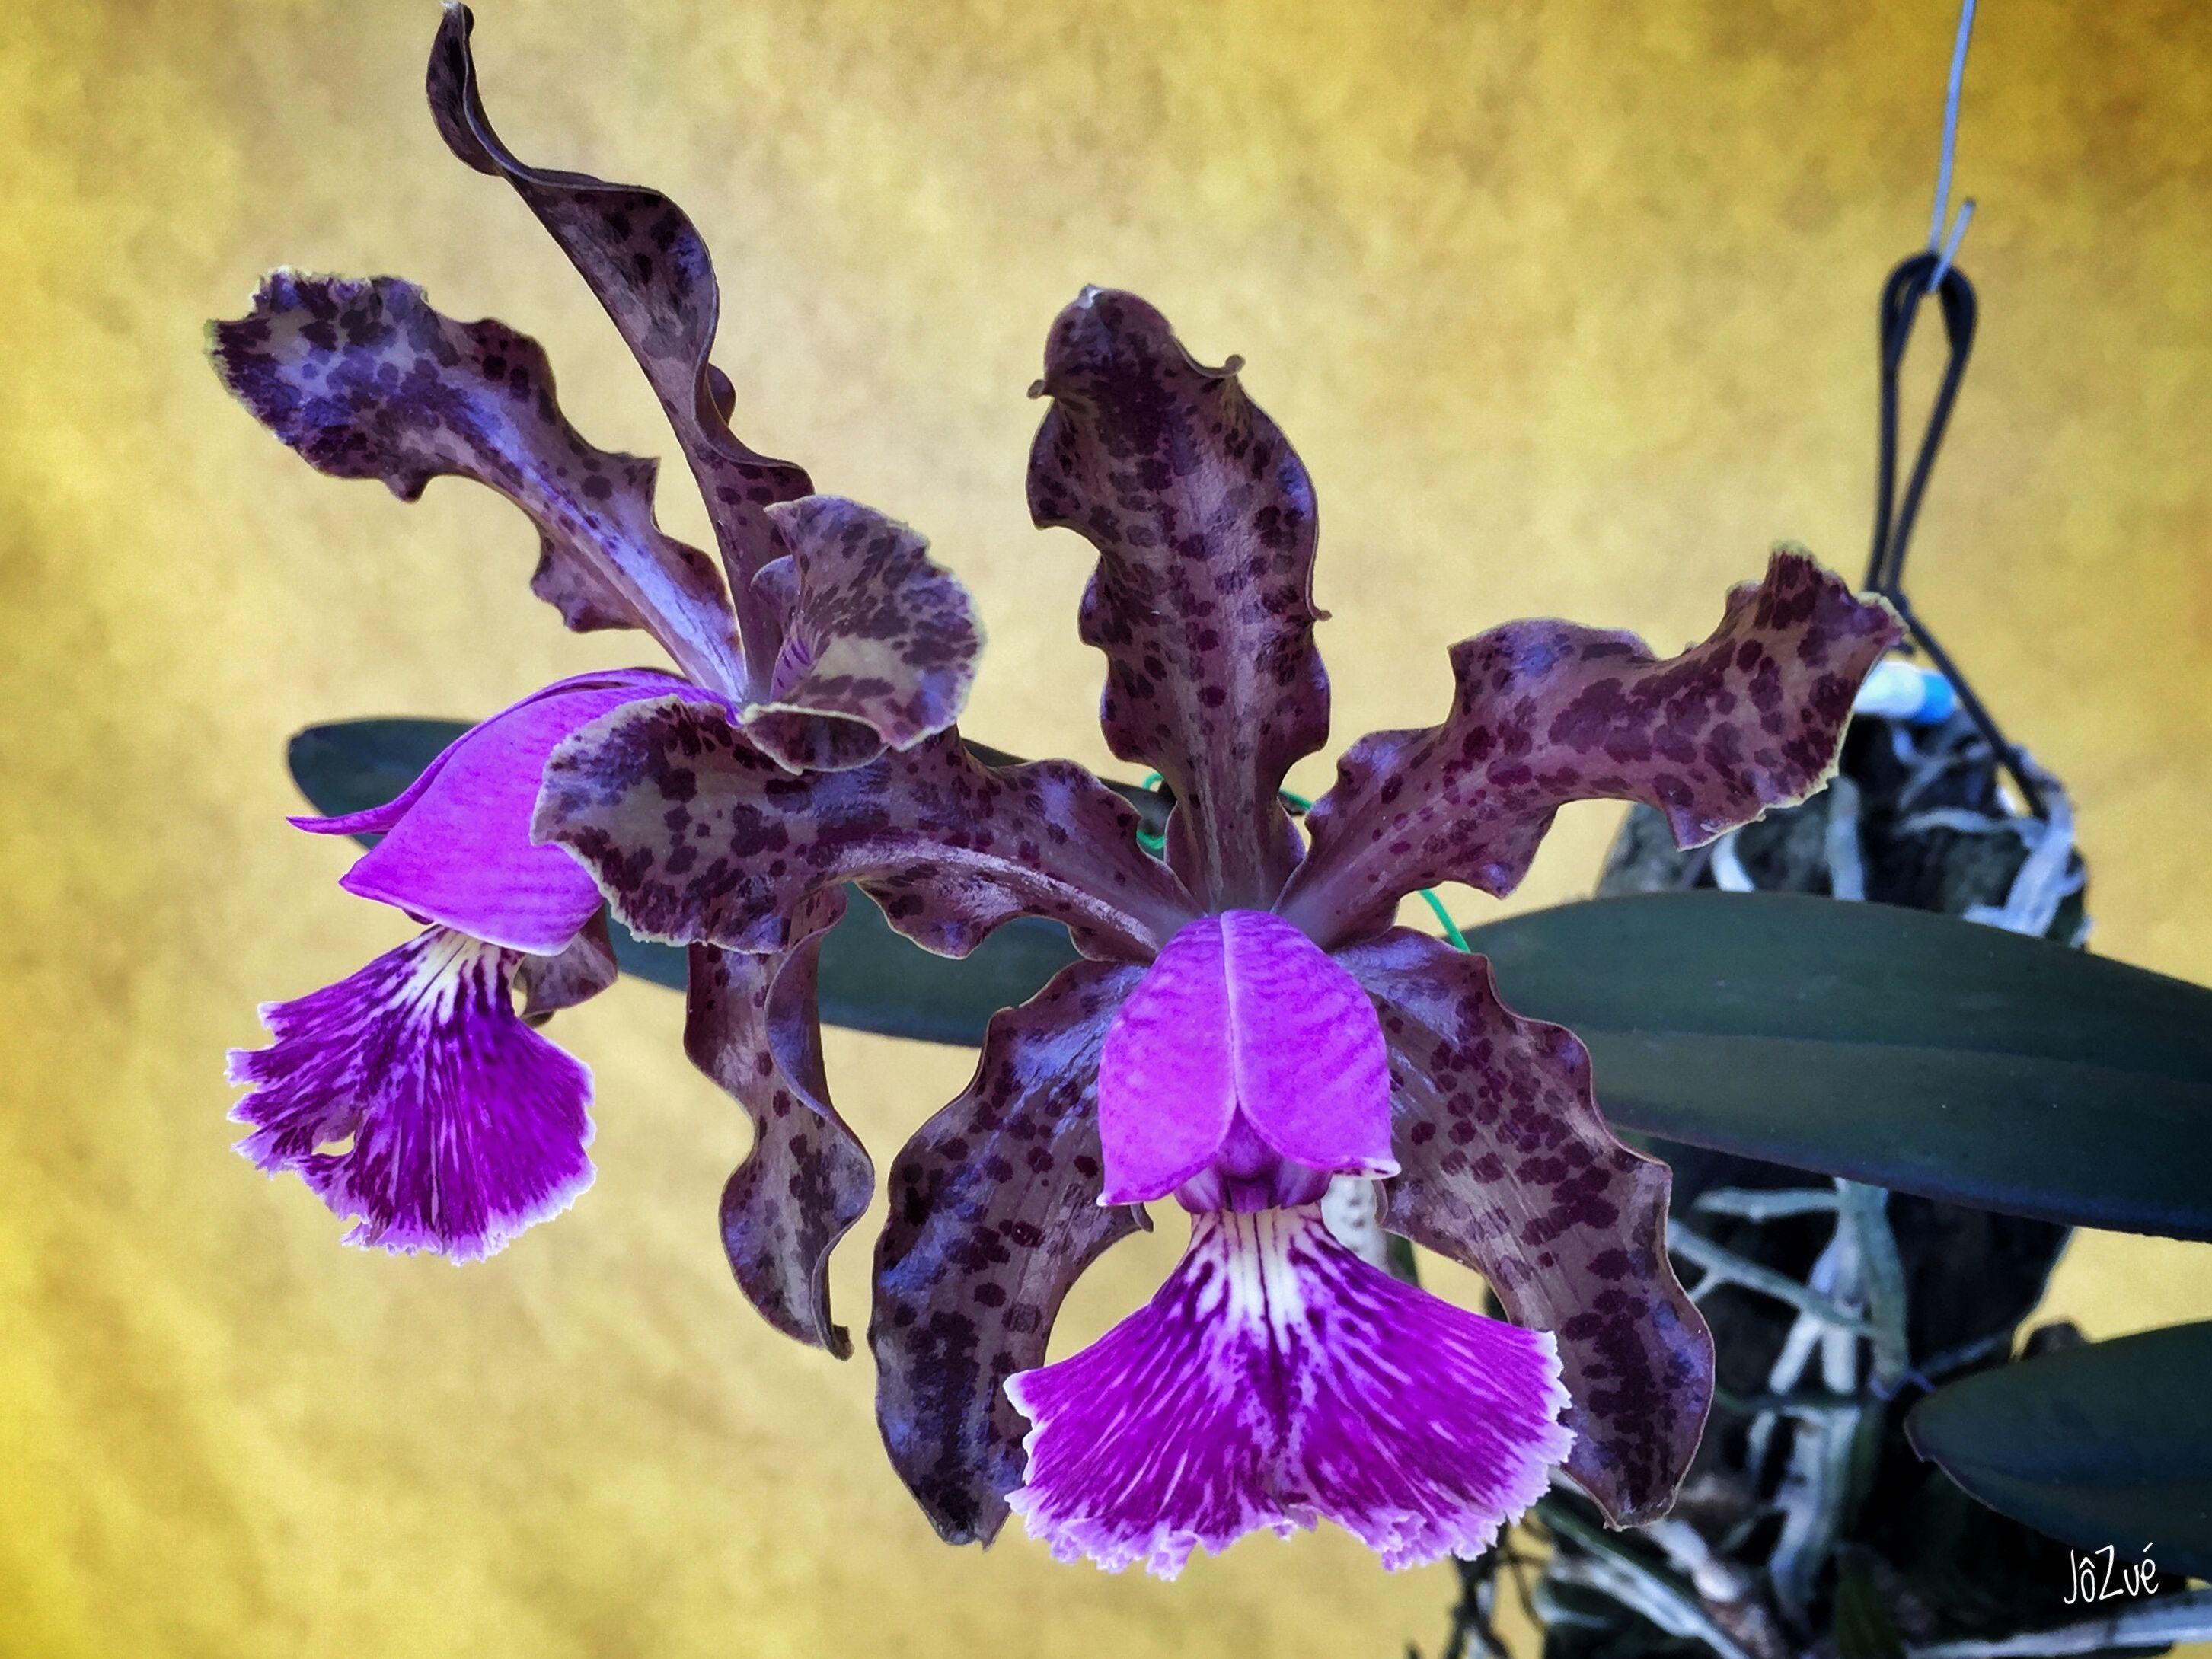 A orquídea rara Cattleya schilleriana é outra espécie brasileira extinta na natureza.